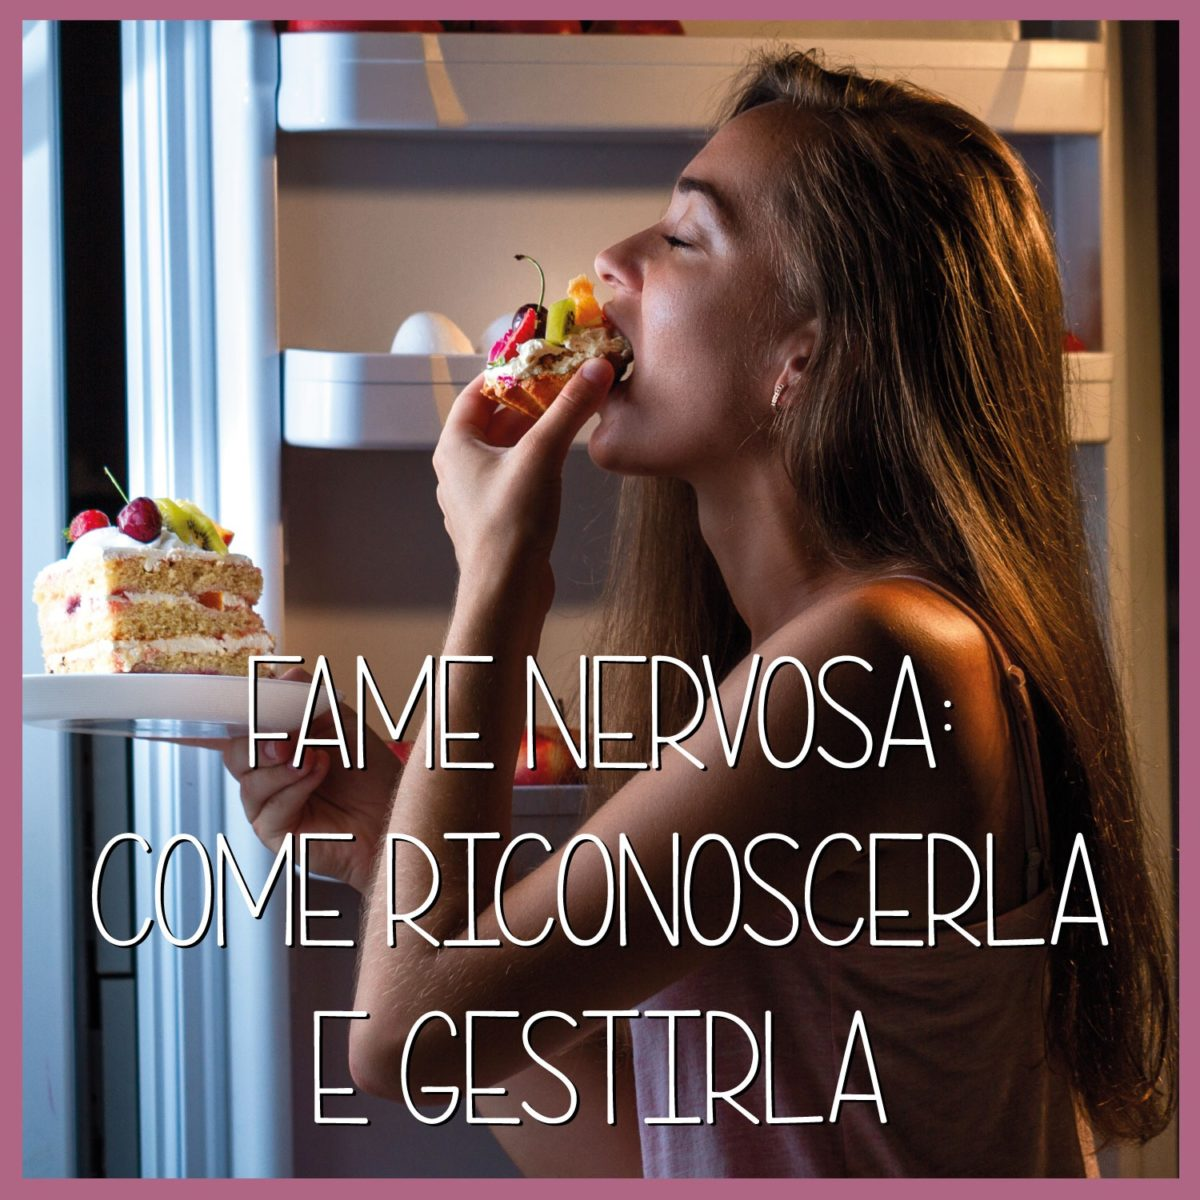 Gestire-la-fame-nervosa-i-consigli-per-gestirla-1200x1200.jpg